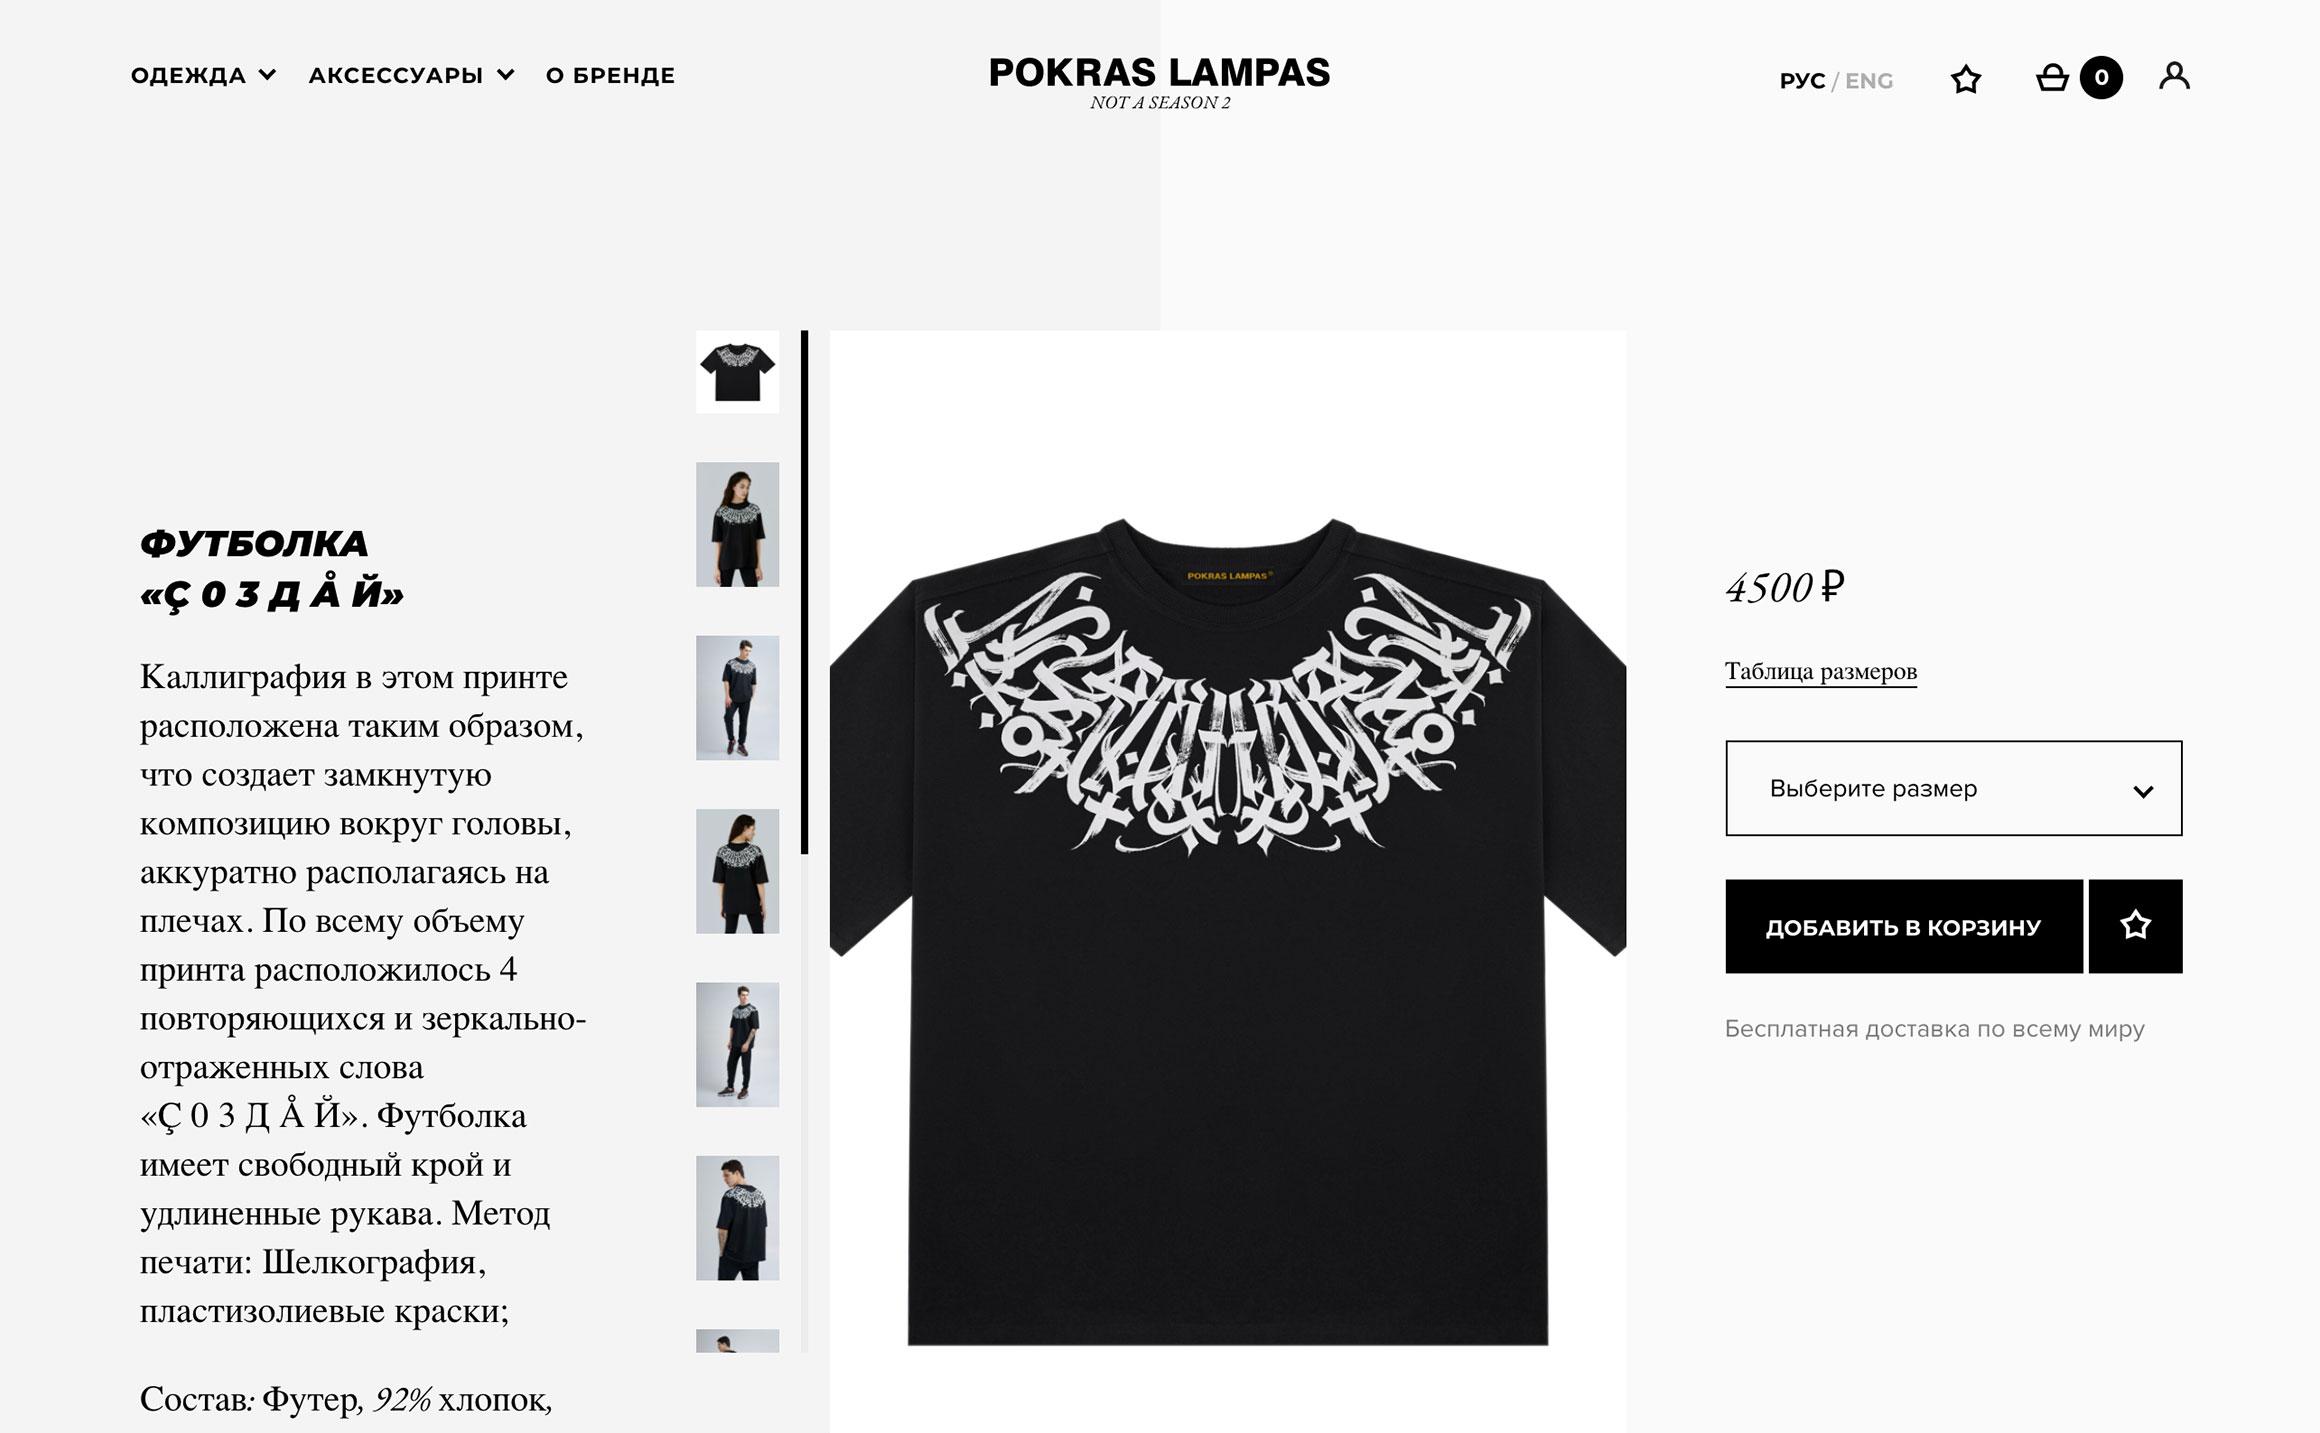 интернет-магазин Покраса Лампаса на WooCommerce